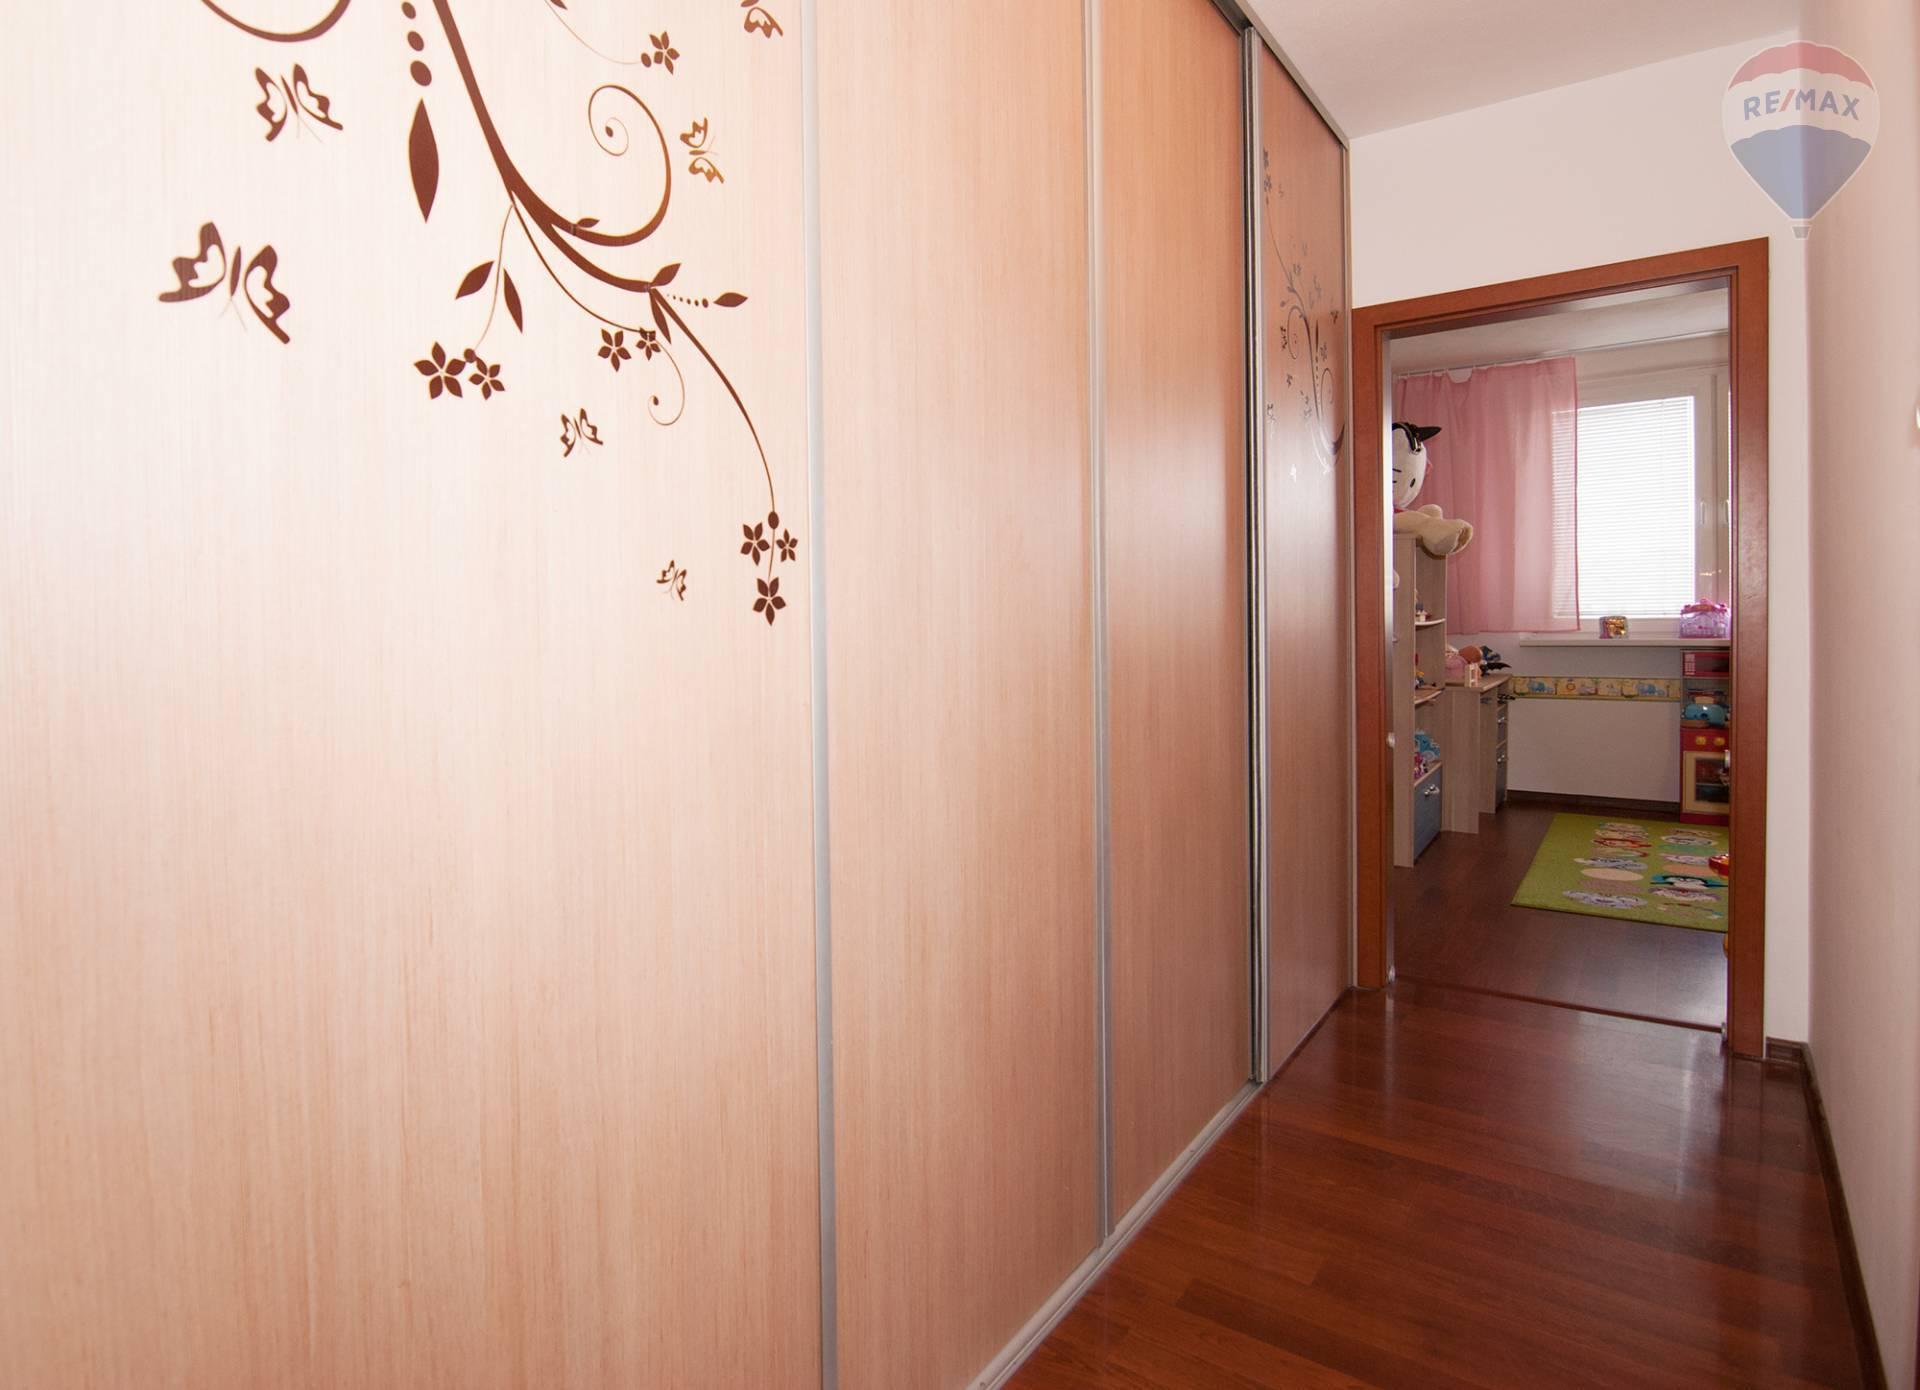 Predaj bytu (3 izbový) 70 m2, Bratislava - Podunajské Biskupice - chodba